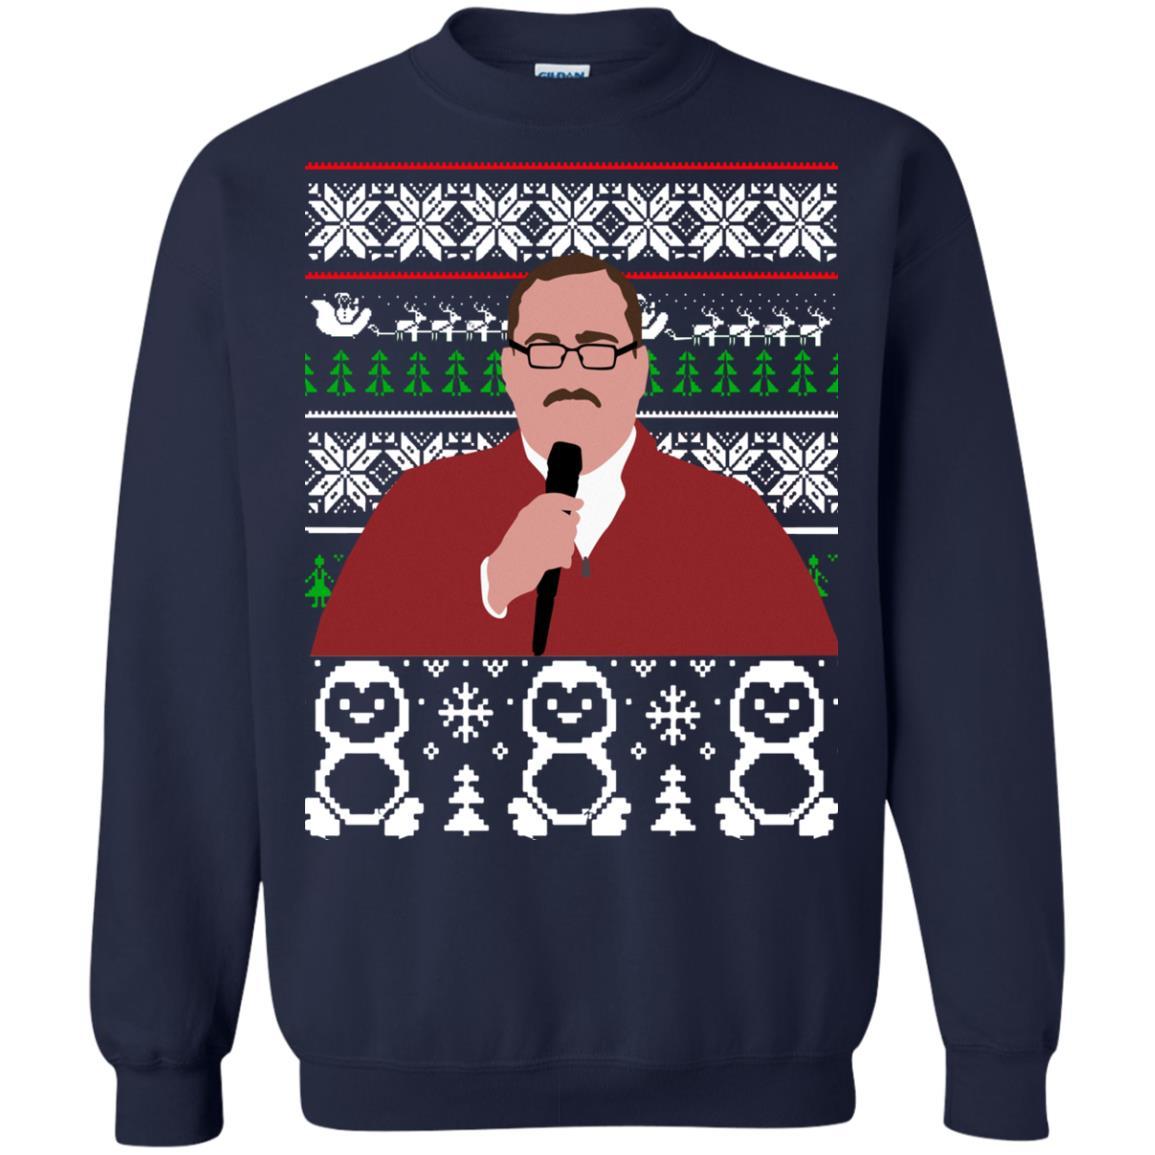 image 1886 - The Ken Bone Christmas Sweater, Hoodie